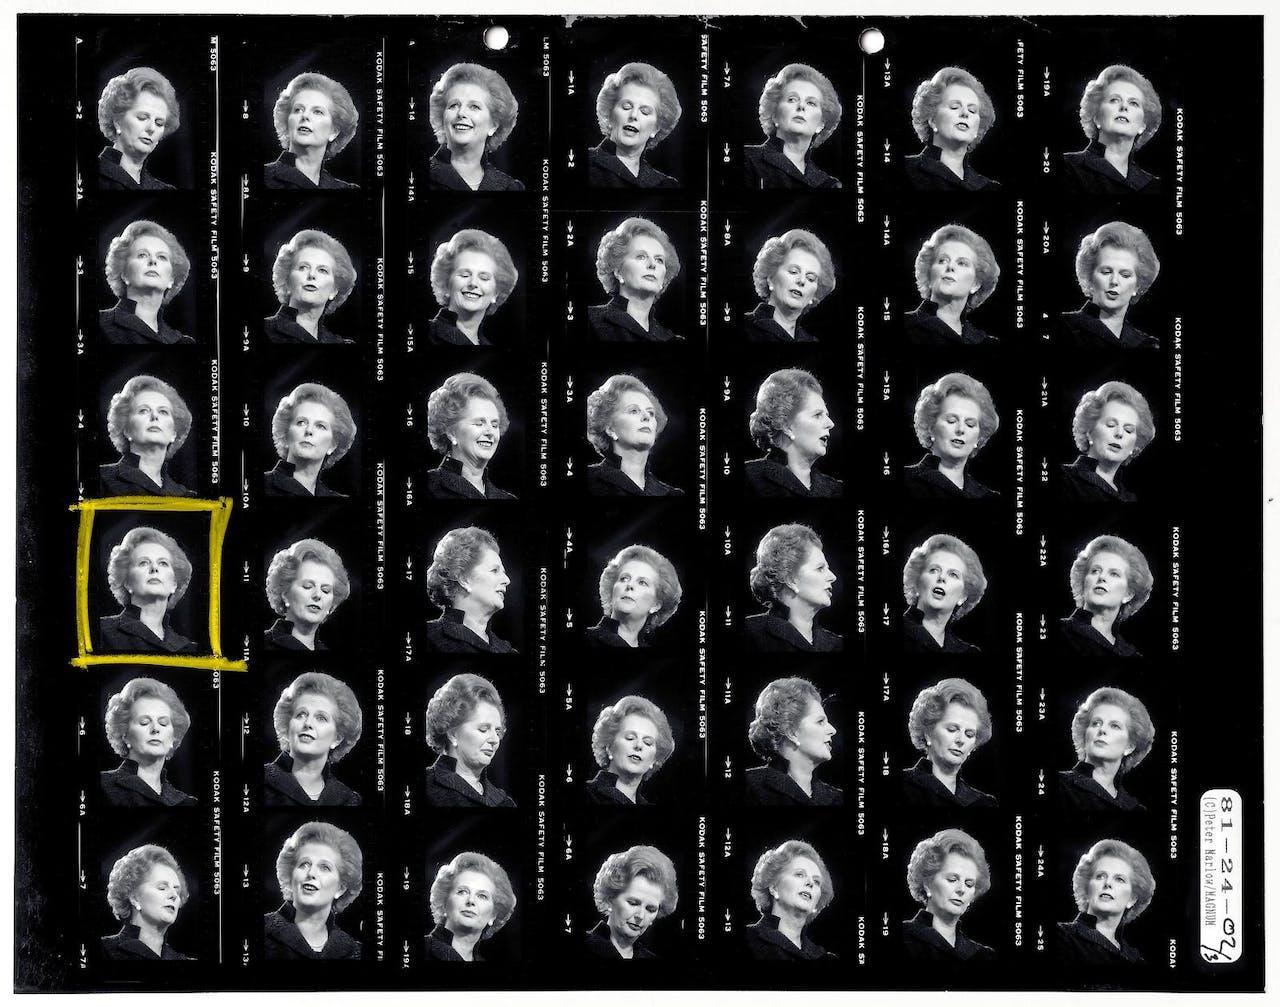 De goede foto is het juiste moment gevangen op de goede plaats. Portret van Margaret Thatcher, in 1981 gefotografeerd door Peter Parlow. Deze foto bestendigde het beeld van Thatcher als de 'Iron Lady'.